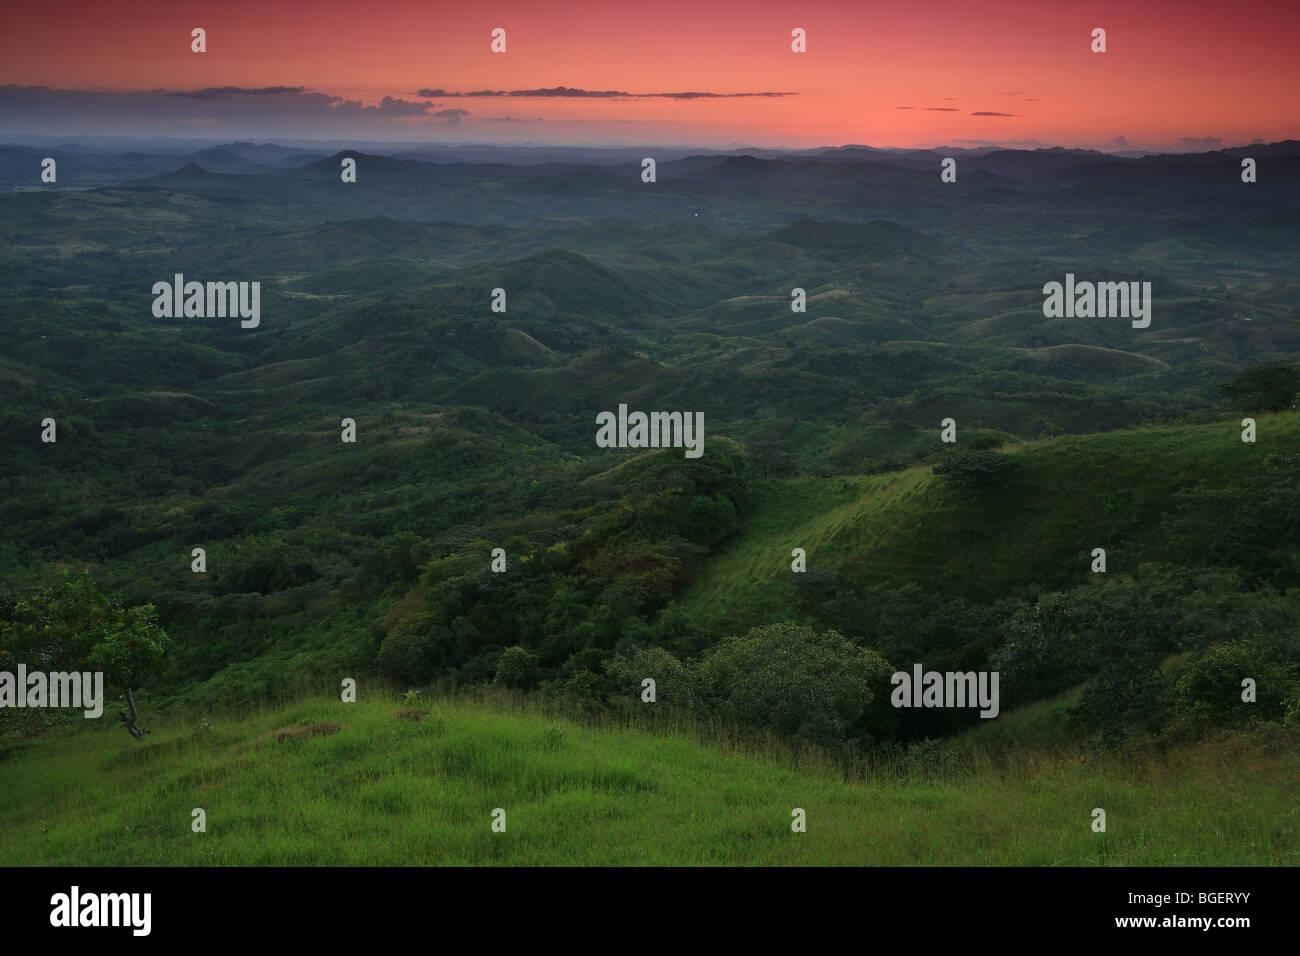 Verdi campi e colline vicino Ola, Cordillera Central, in Cocle Affitto provincia, Repubblica di Panama. Immagini Stock